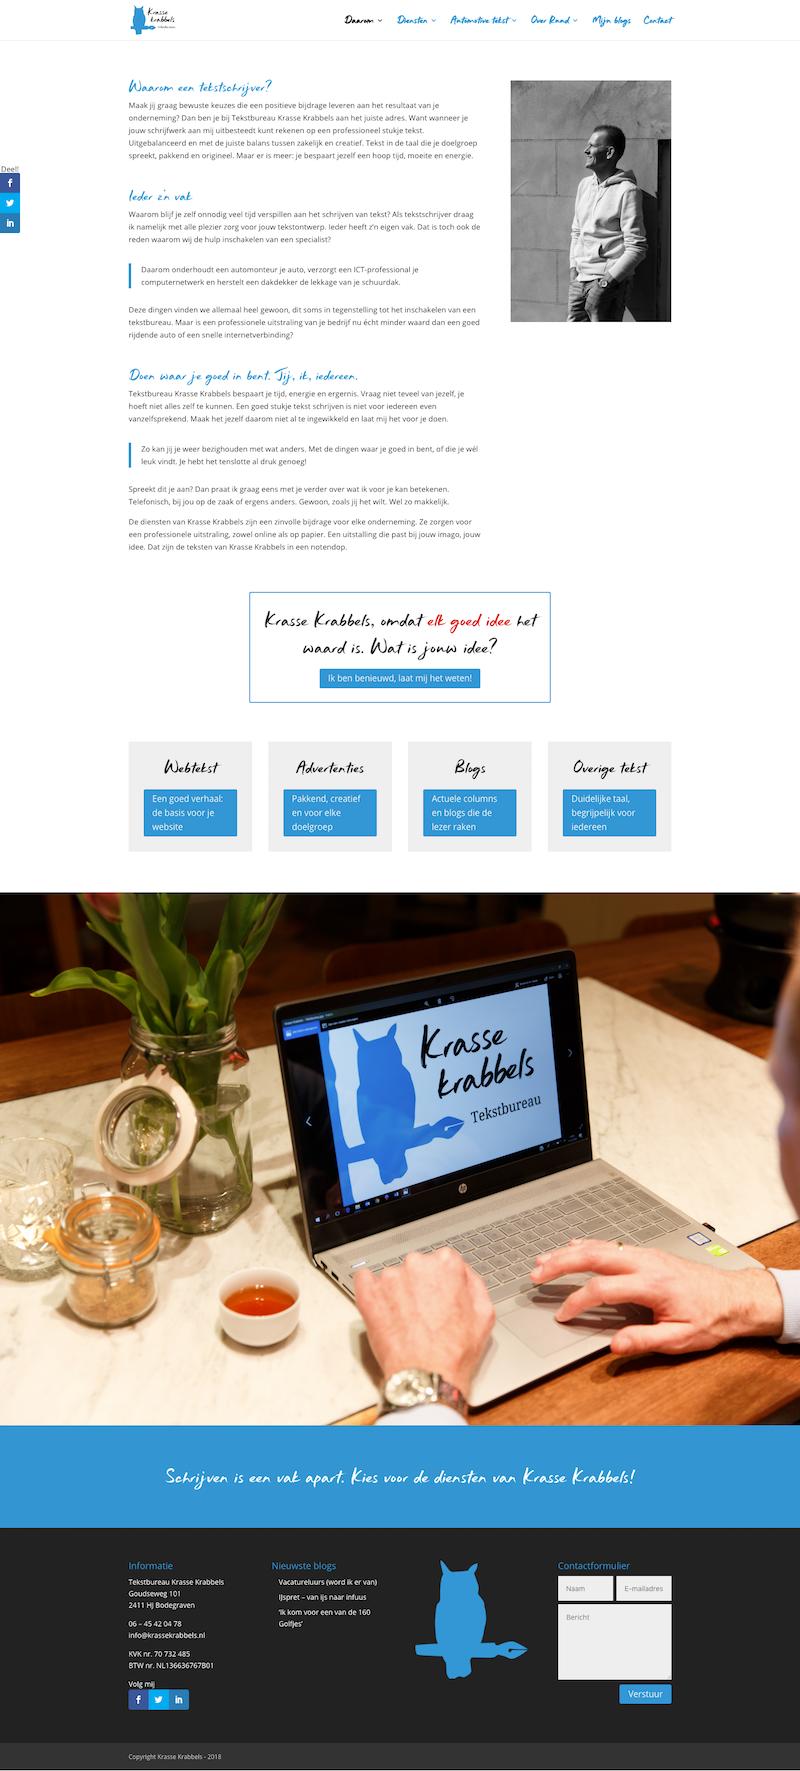 screencapture-krassekrabbels-nl-waarom-een-tekstschrijver-2019-03-05-09_54_02